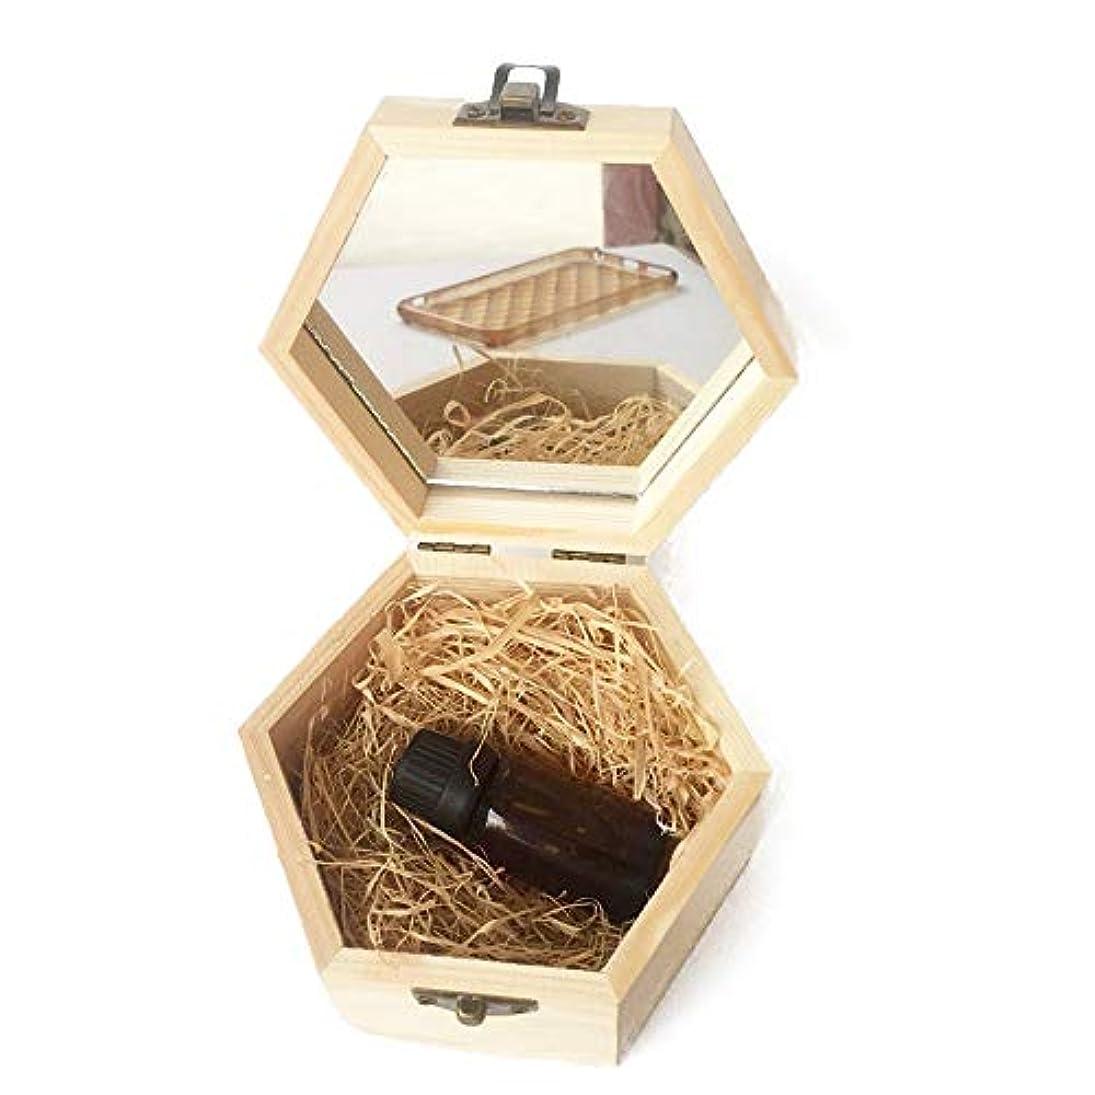 知る鉄道下にエッセンシャルオイルストレージボックス アロマセラピーのためにエッセンシャルオイル木箱の品質の収納ケース 旅行およびプレゼンテーション用 (色 : Natural, サイズ : 13X11.3X6.8CM)